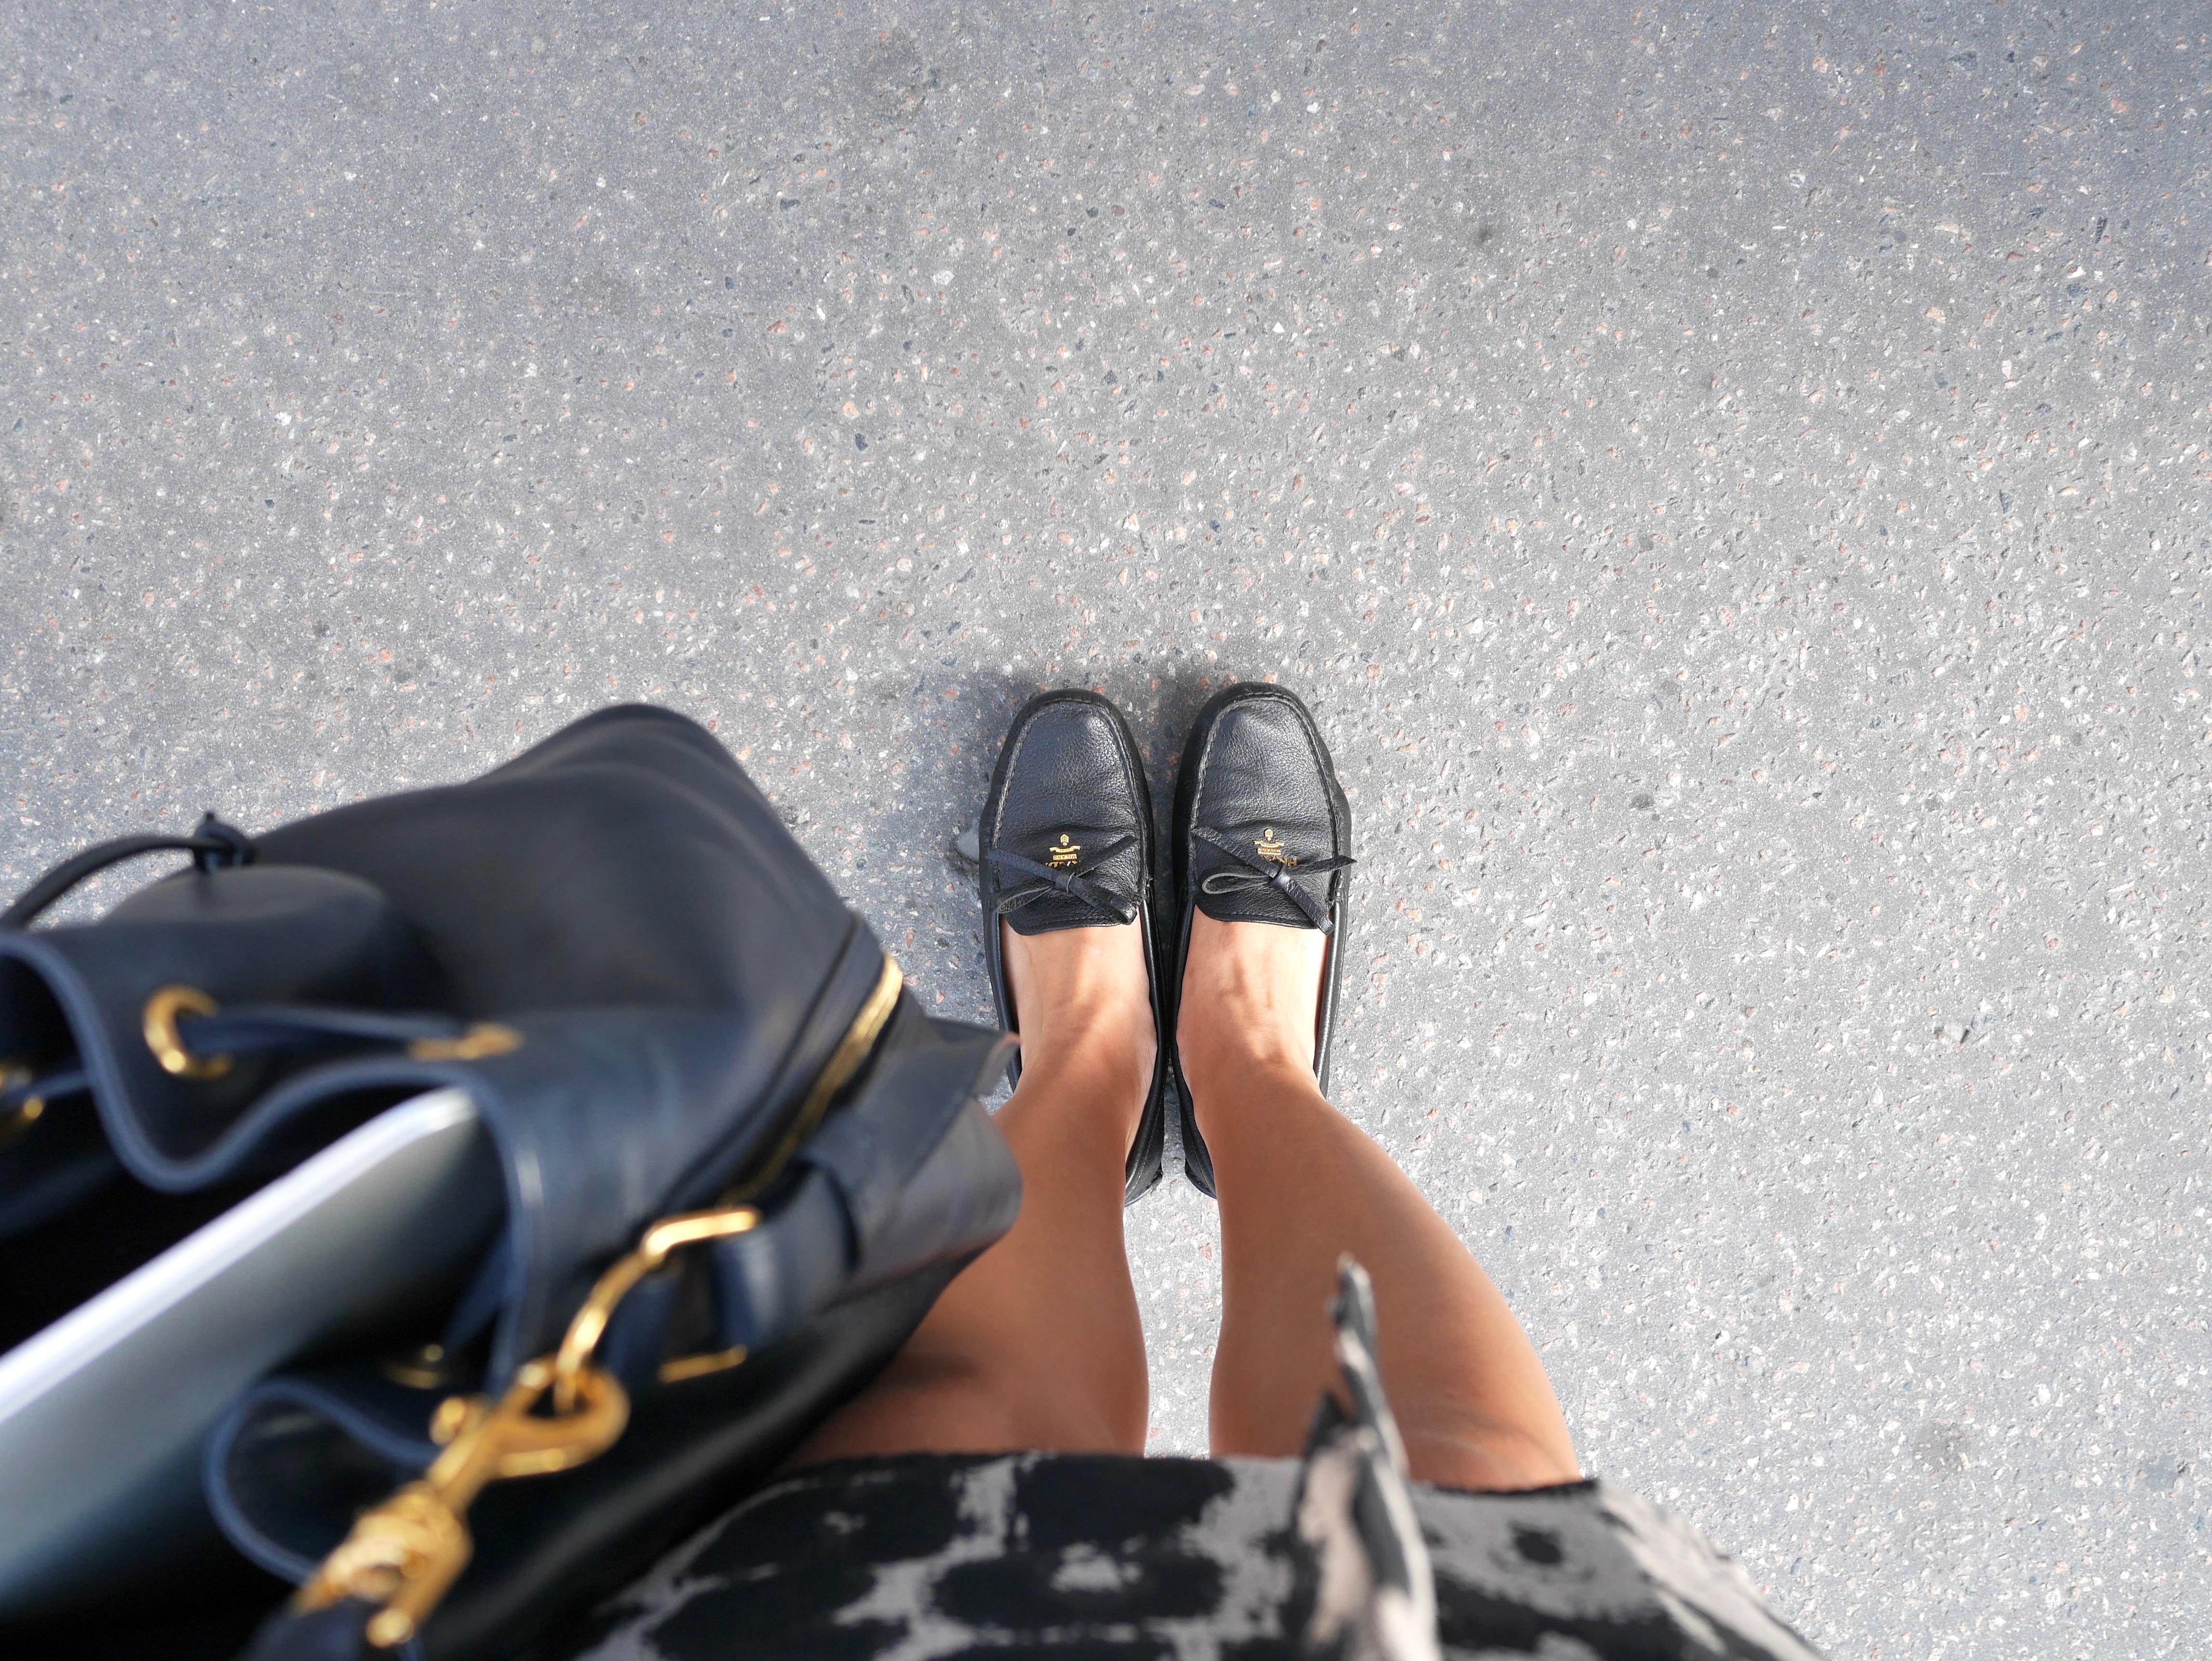 dc37c3a762a8 Céline – Solglasögon DryLake – Klänning Saint Laurent – Väska Prada – Skor